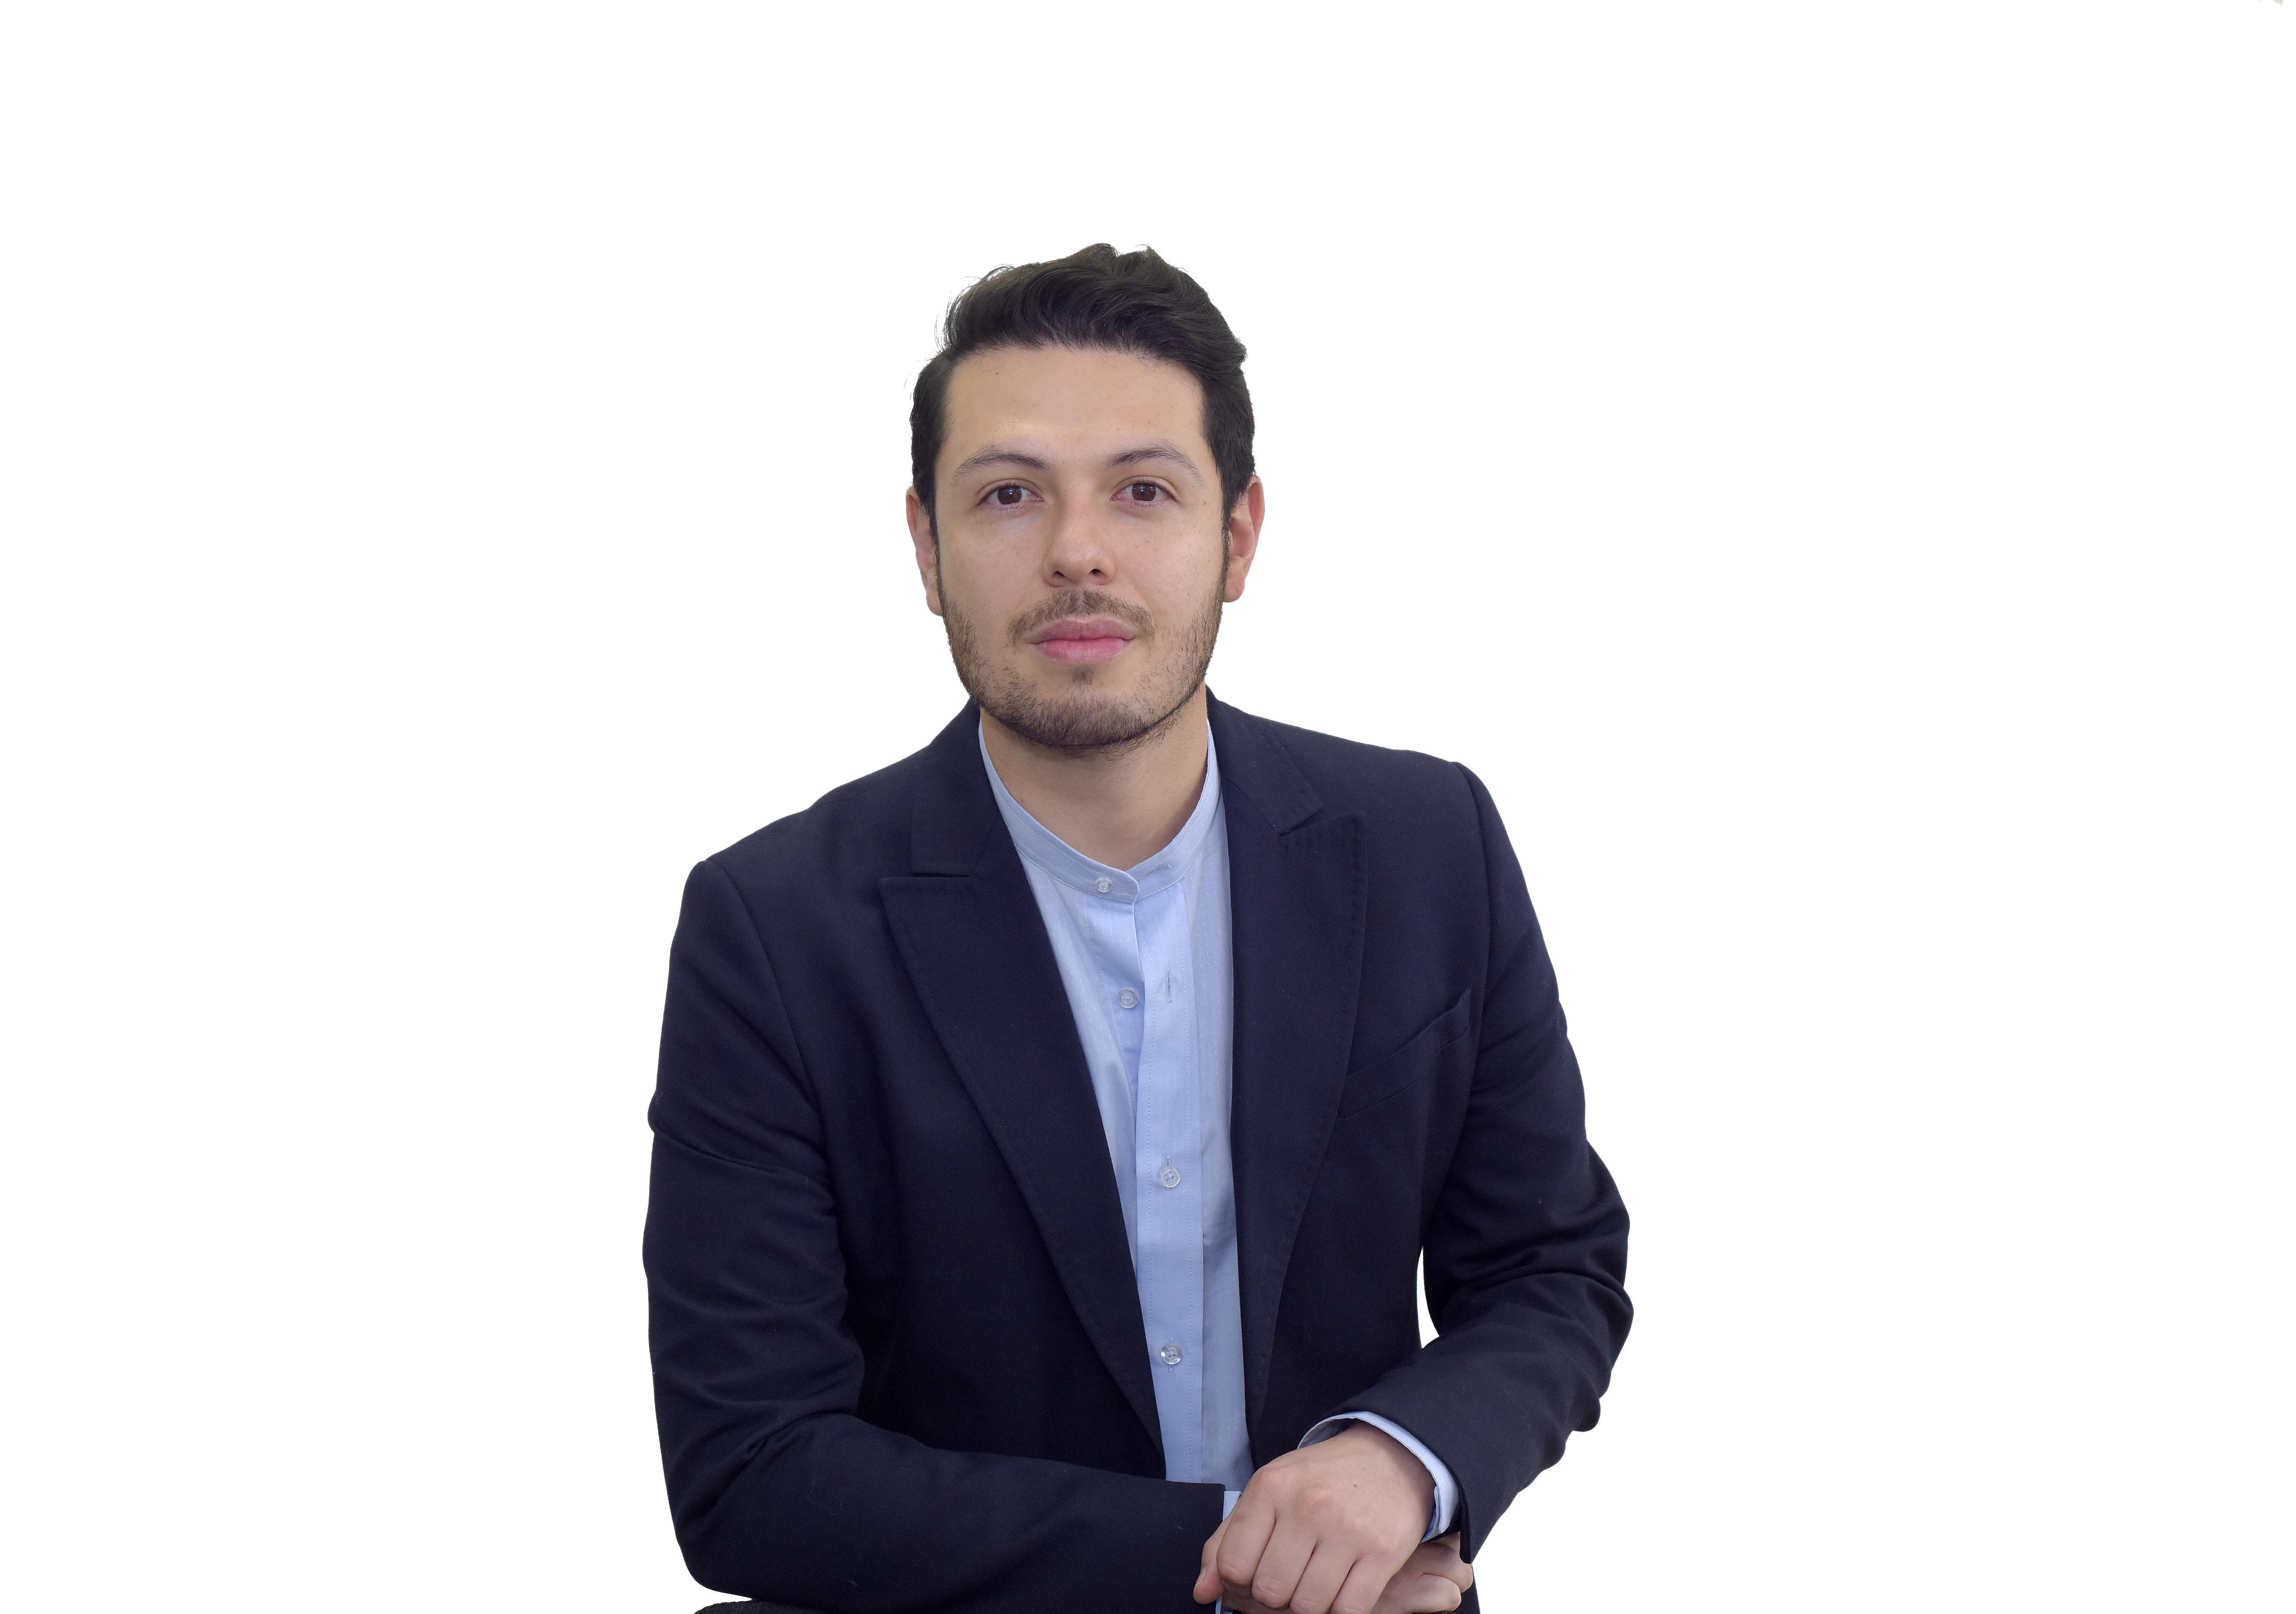 César Alejandro Cáceres Monroy